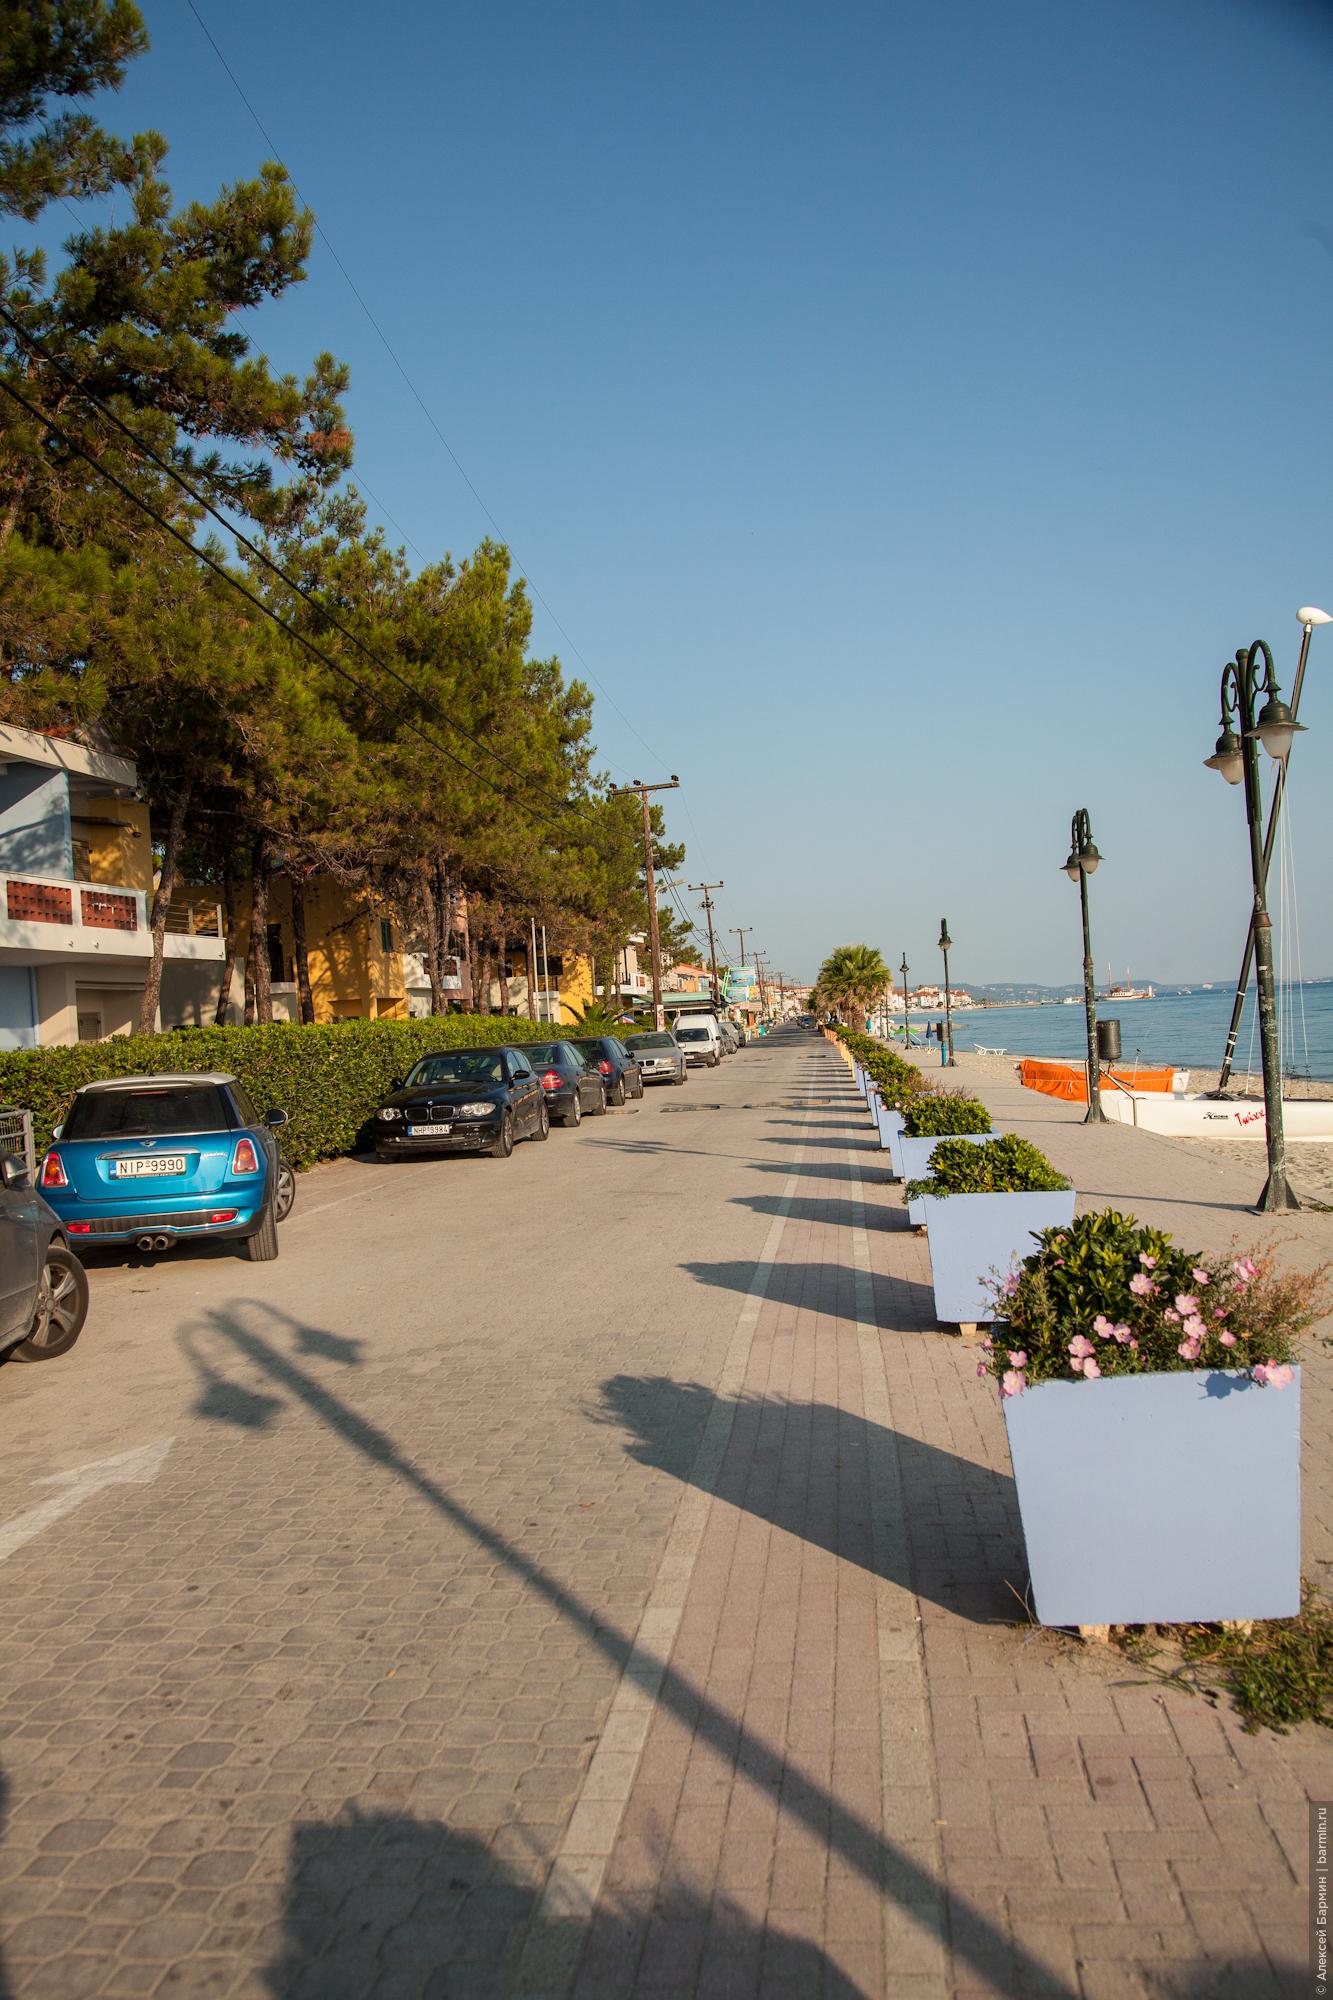 """Фото из альбома """"Пефкохори"""", Пефкохори, Греция"""